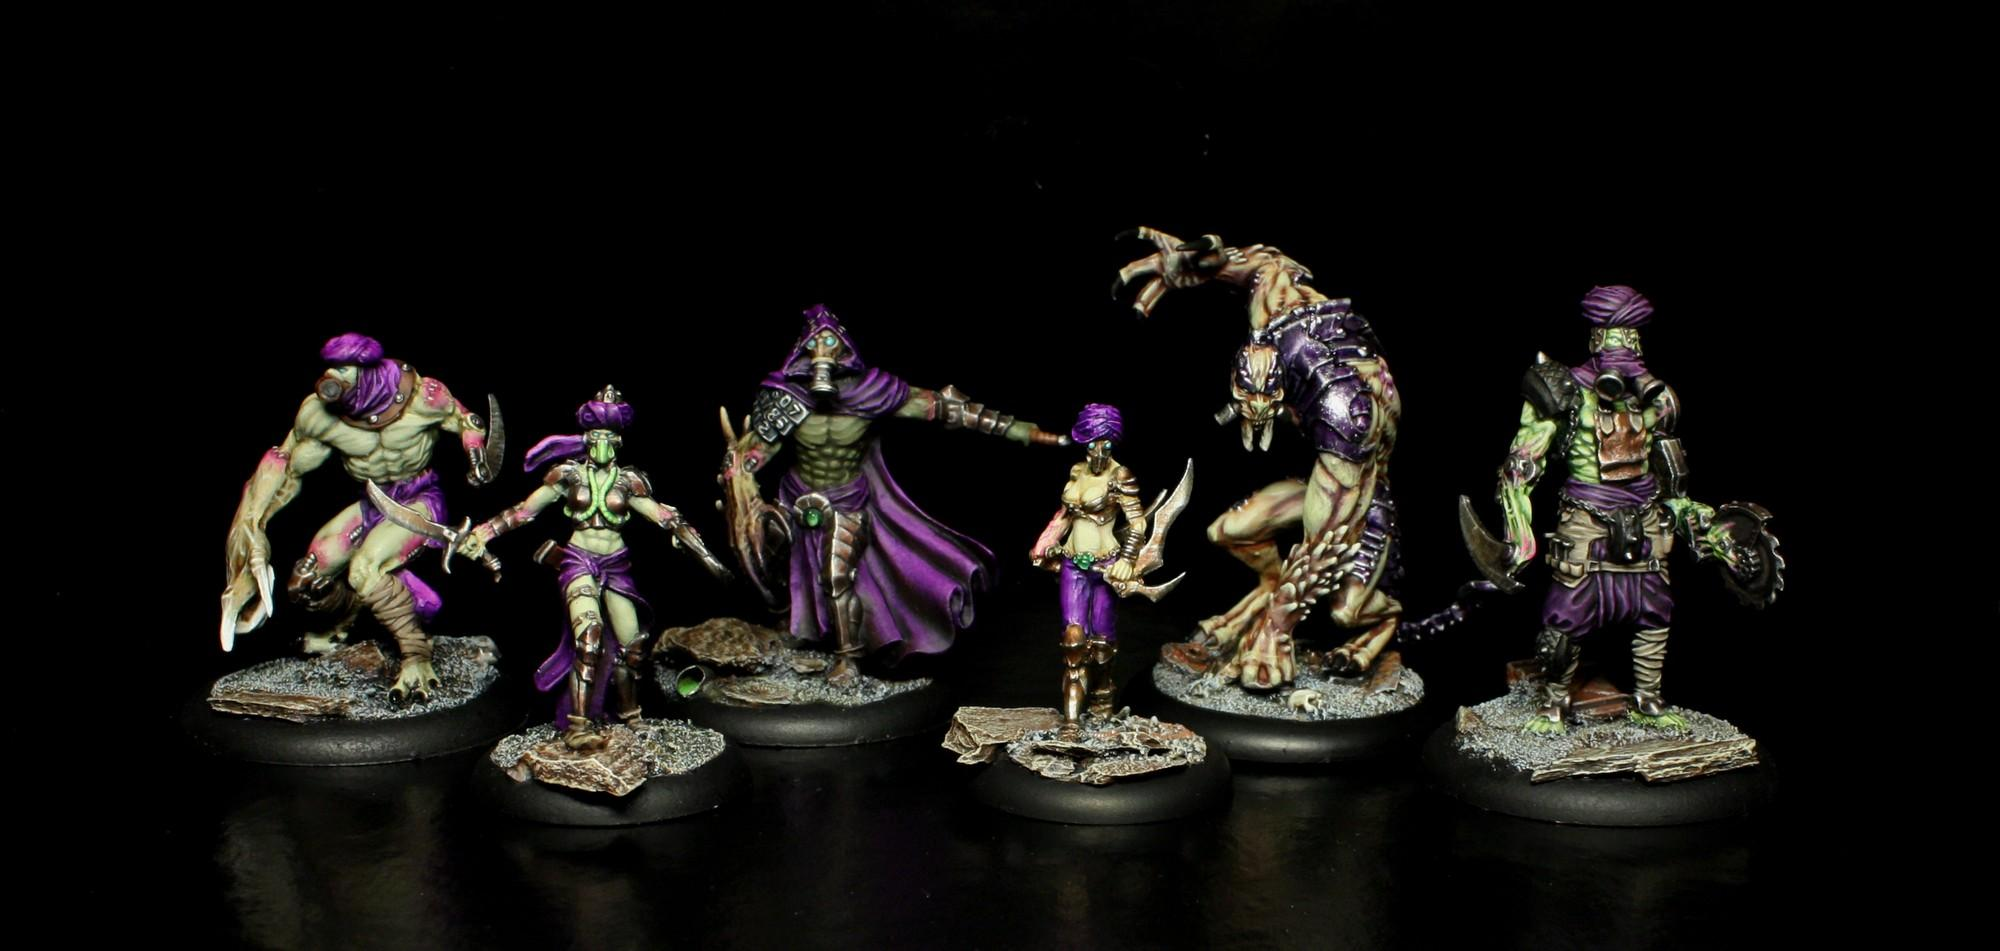 Aïcha, Alghul, Almeh, Askari, Bionics, Defender, Eden, Escape, Green, Monster, Mutant, Pink, Purple, Warriors